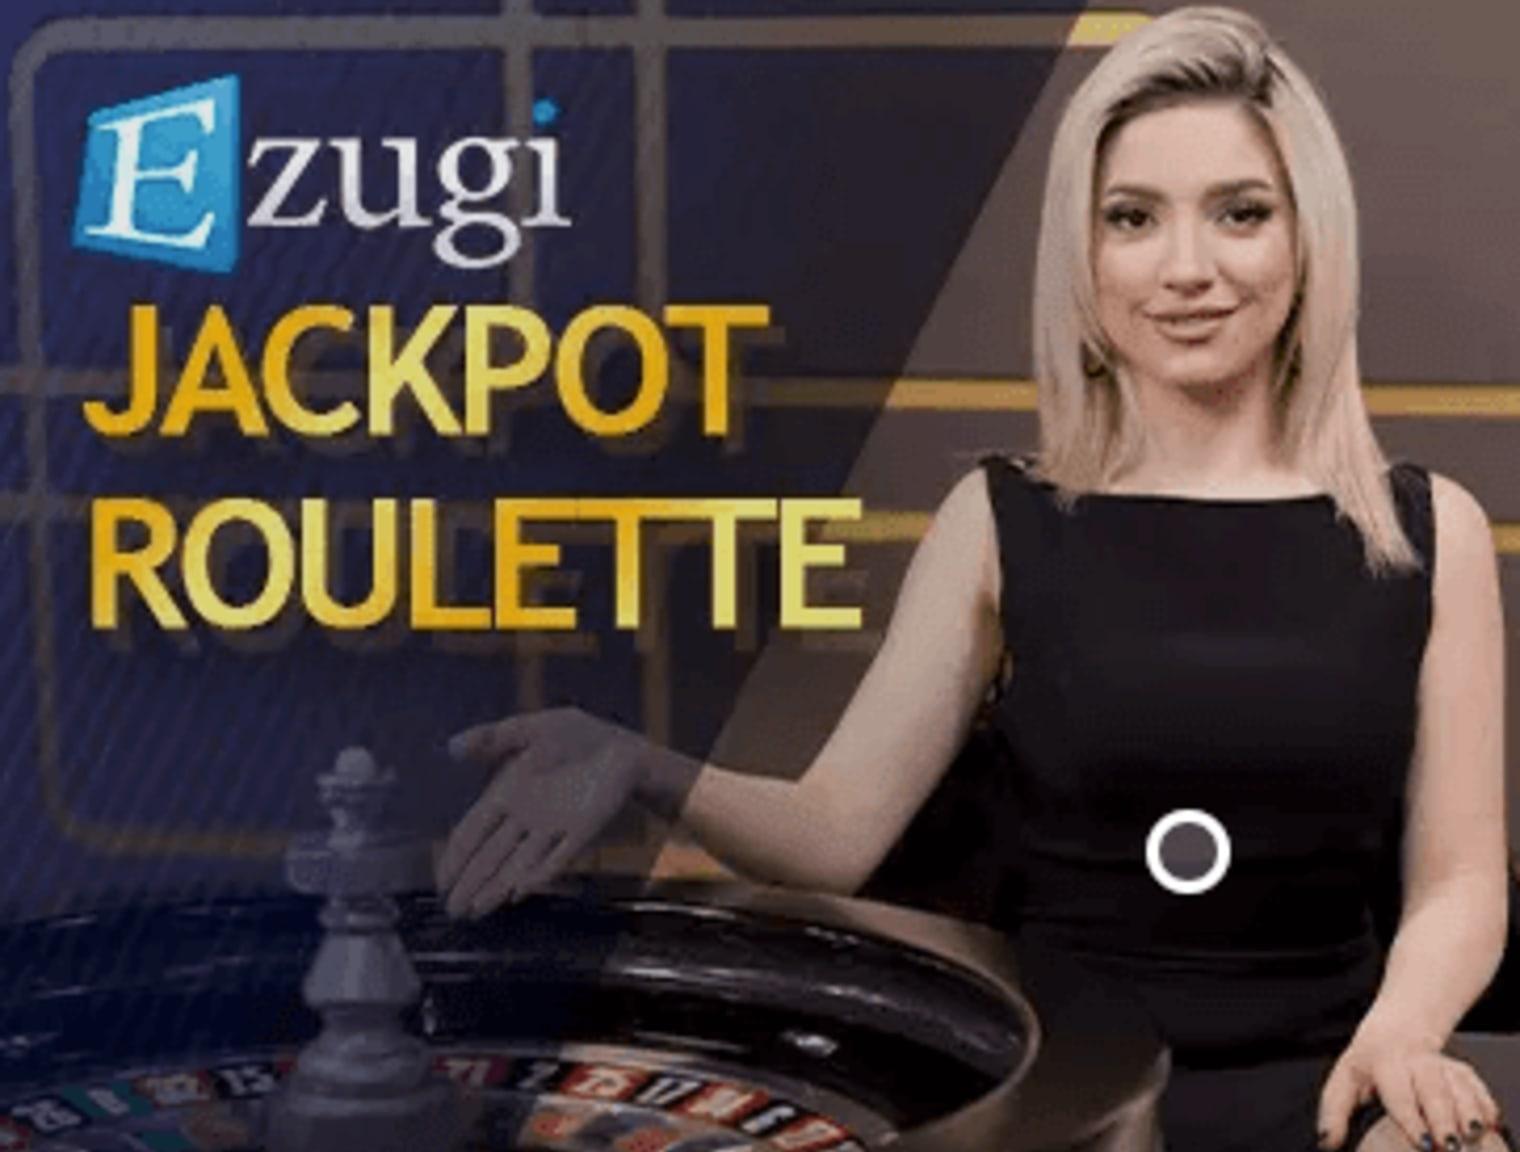 Jackpot Roulette